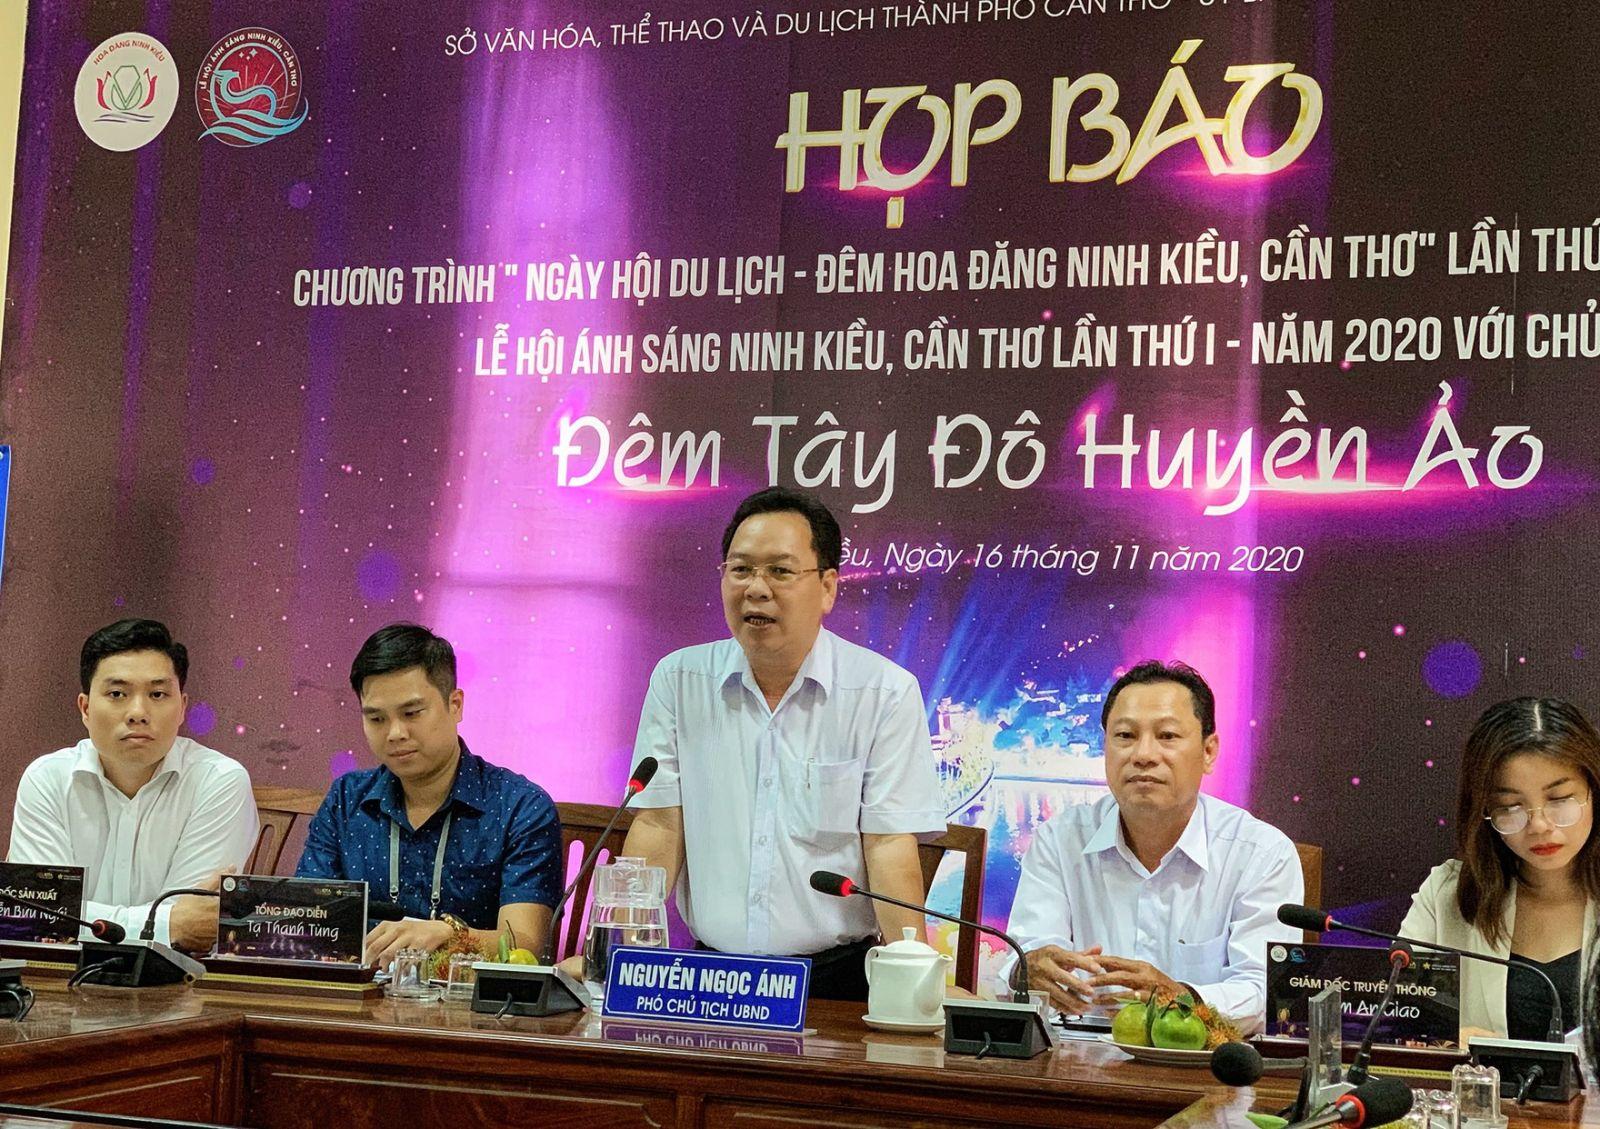 Cần Thơ: Sẵn sàng Ngày hội Du lịch - Đêm hoa đăng Ninh Kiều